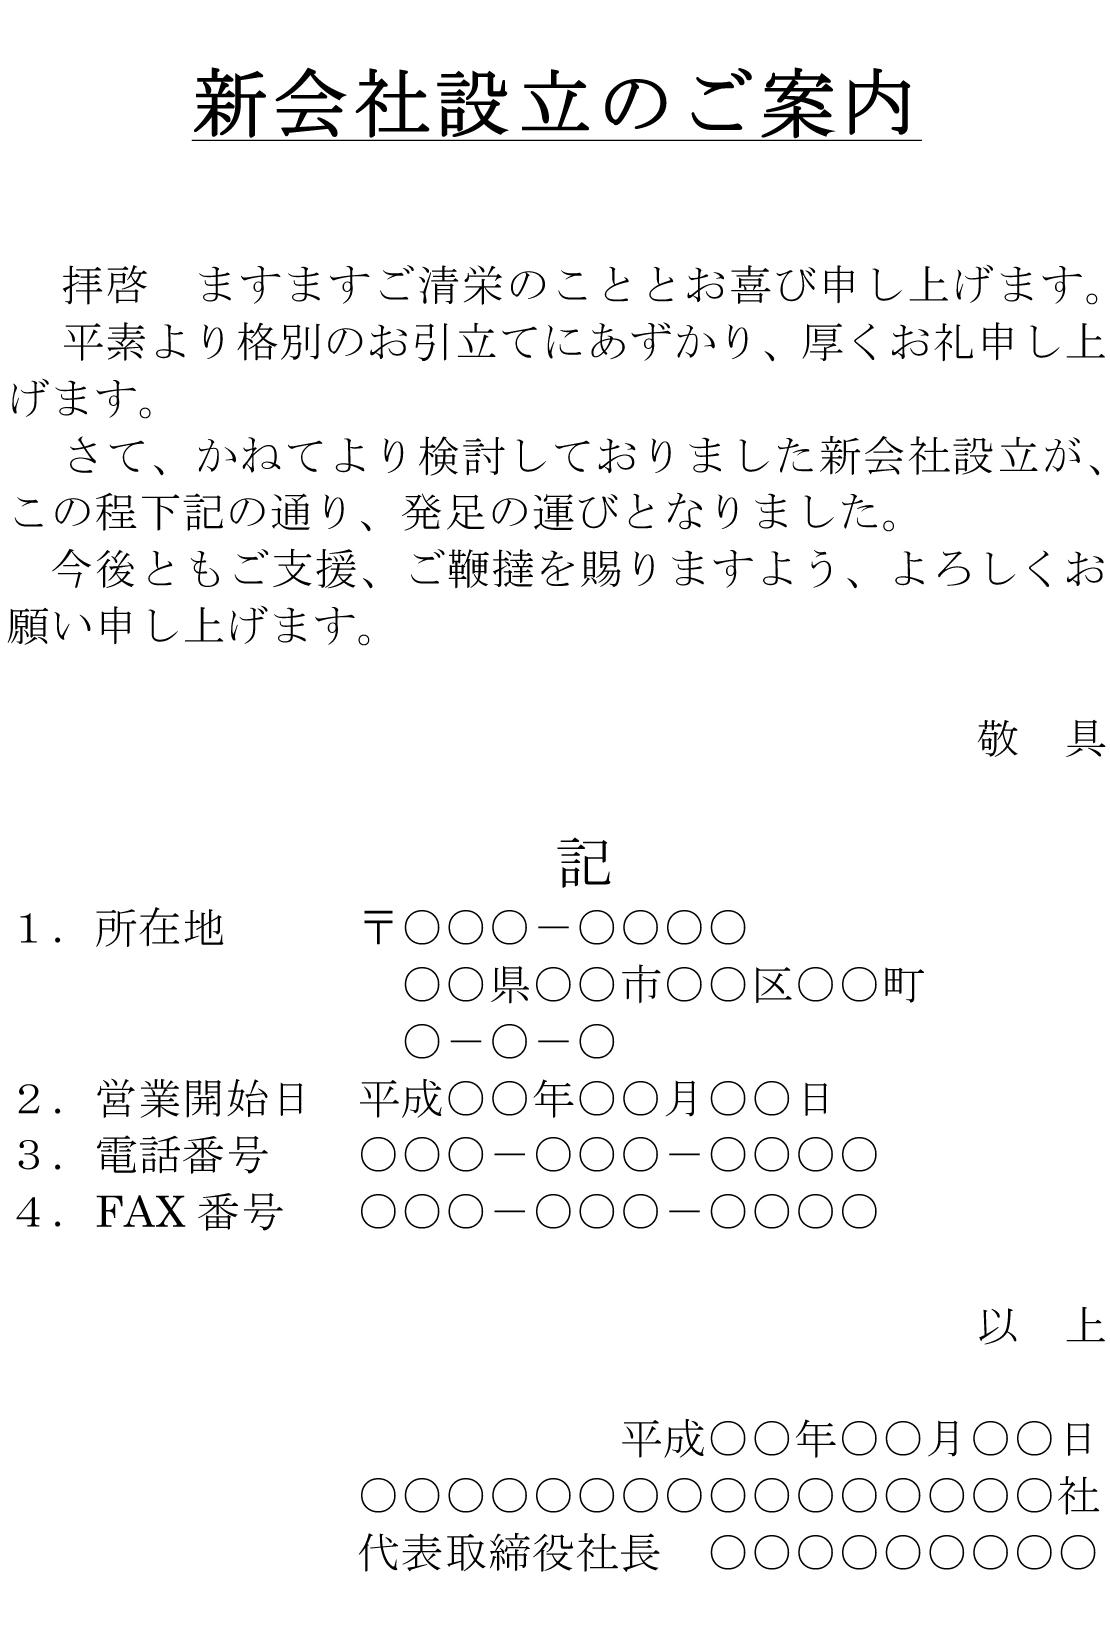 案内状(新会社設立:ハガキ)02